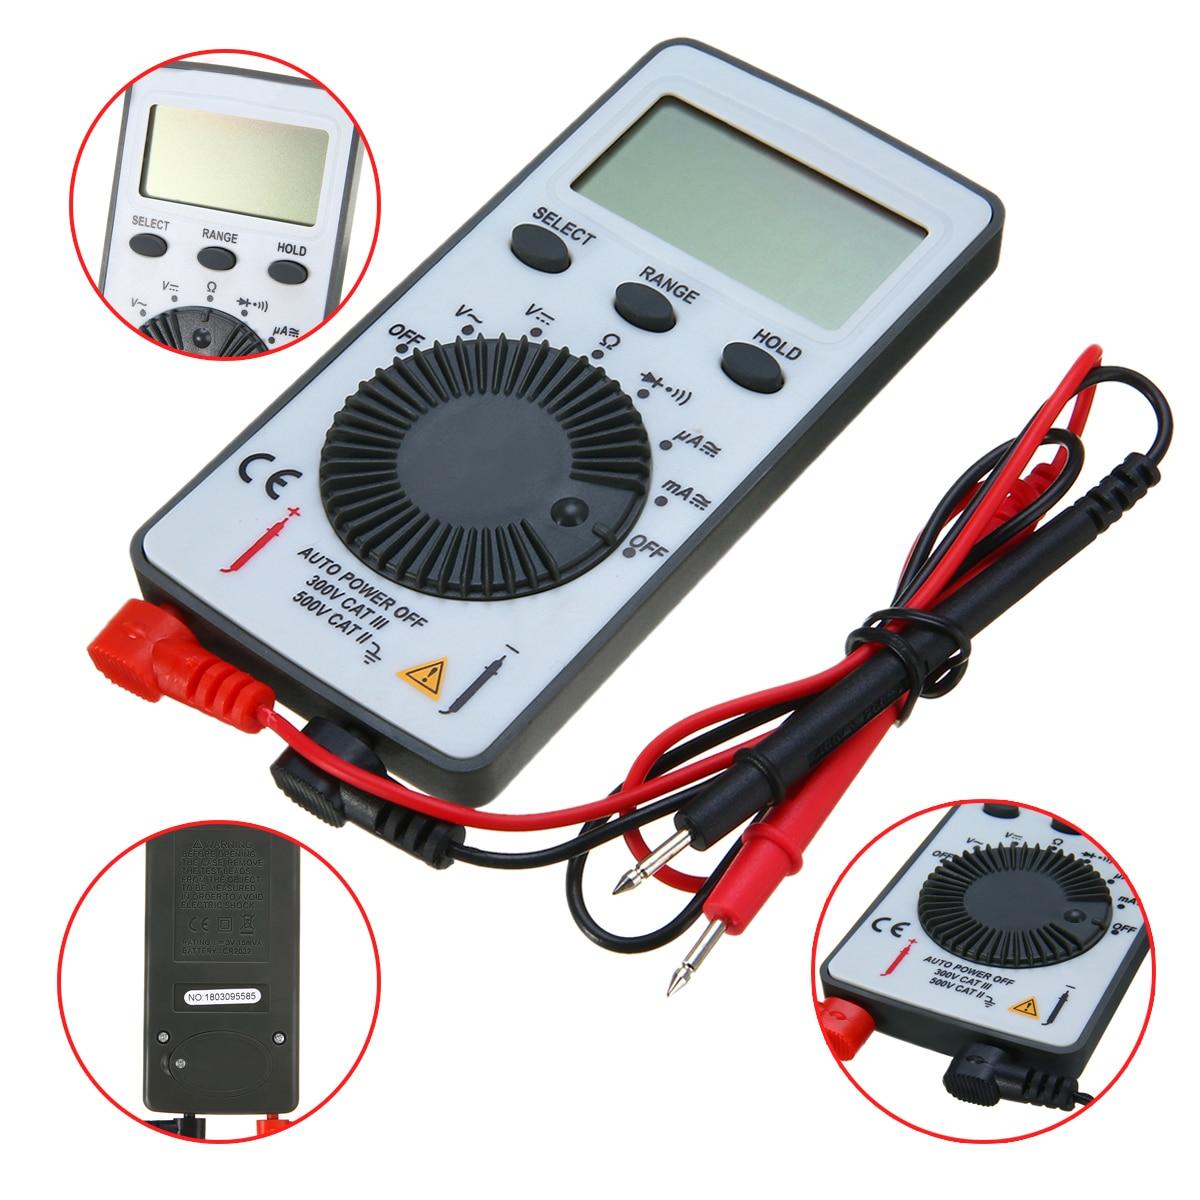 AN101 Digital Mini Multímetro DC/AC Tensão Atual do Medidor Handheld Bolso Voltímetro Amperímetro Tester com Condutores de Teste 10 * 55*10mm